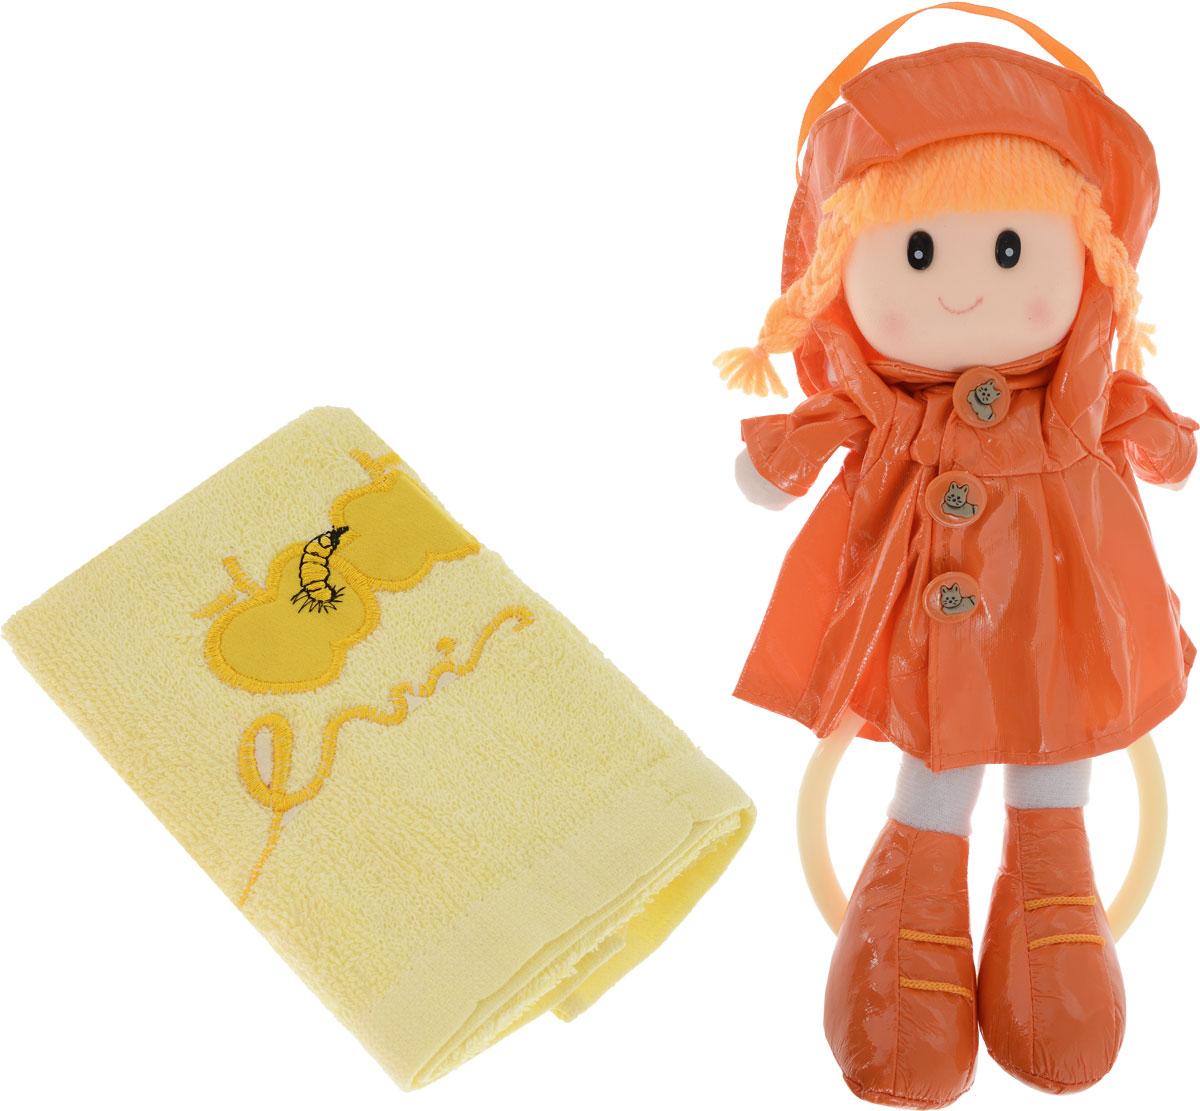 Sima-land Мягкая кукла Аня с держателем и полотенцем цвет оранжевый желтый sima land кукла олеся 495726